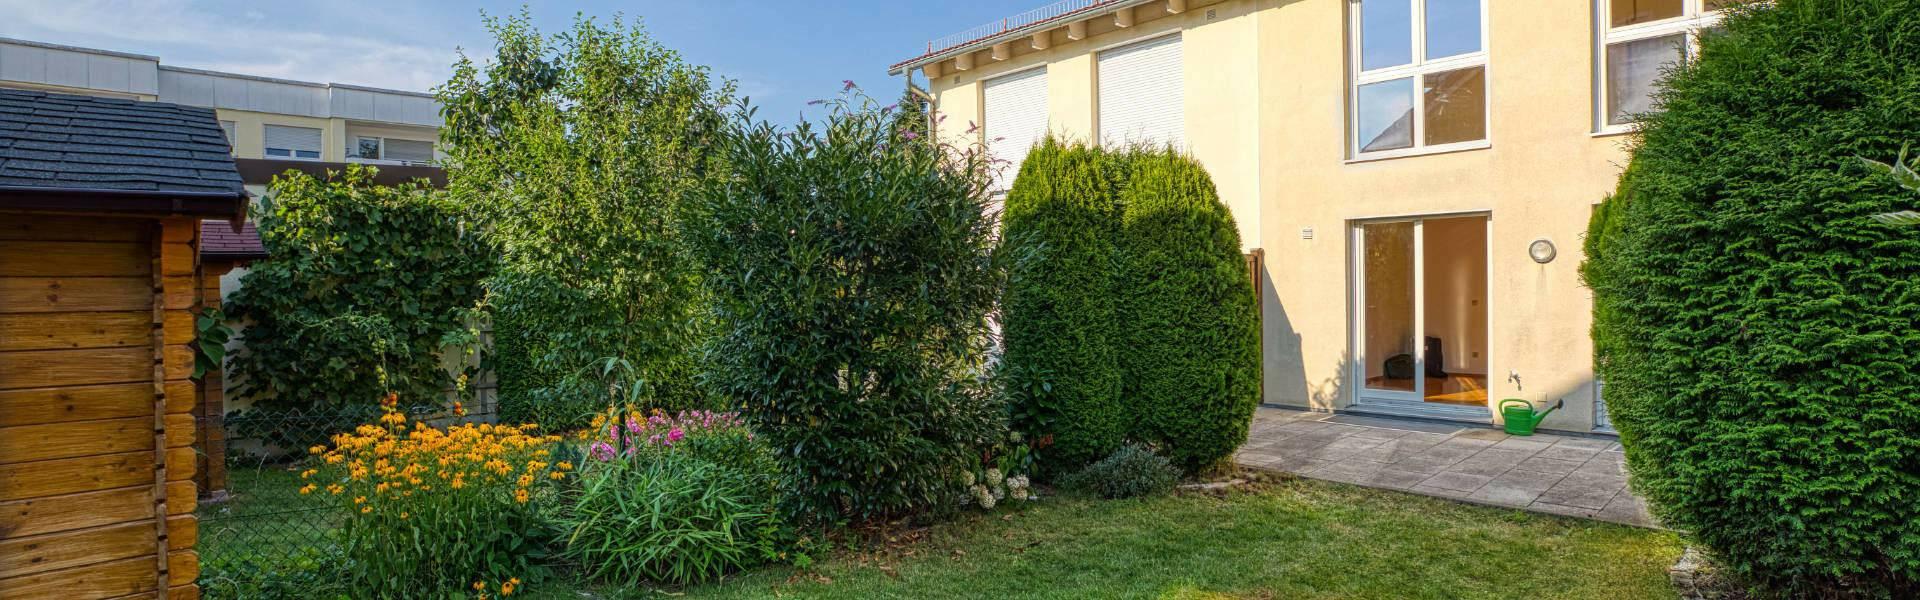 Germering Haus Garden